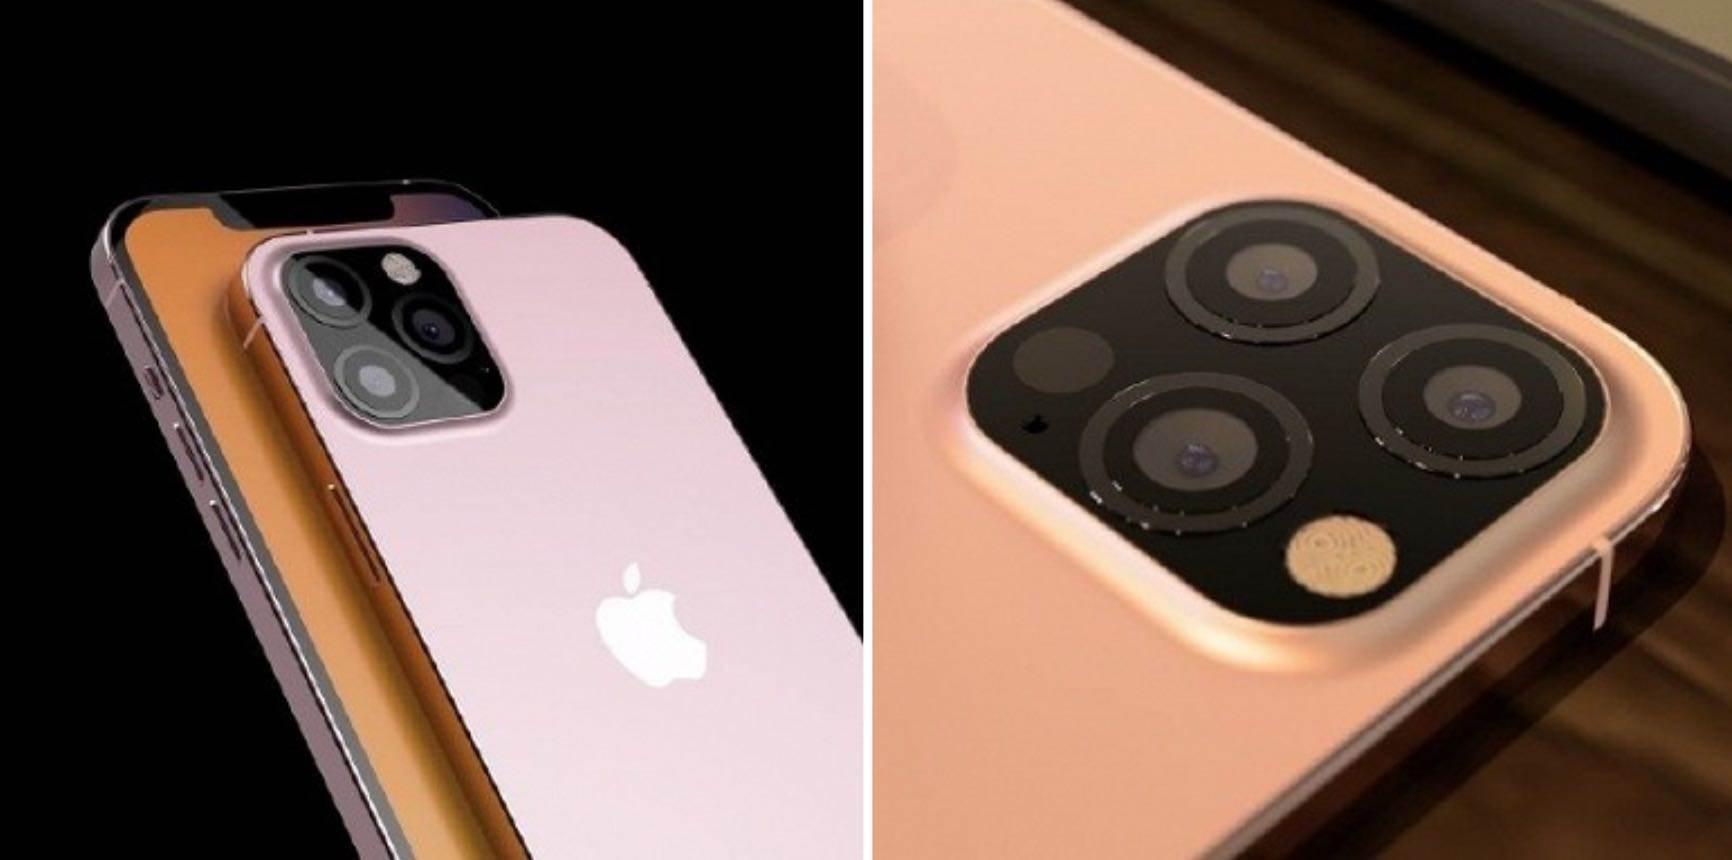 Powrót do korzeni. Różowy iPhone 12s Pro z nowym aparatem pokazany na renderach polecane, ciekawostki rendery, iPhone 12s Pro, iPhone 12s  W sieci pojawiły się nowe nieoficjalne rendery iPhone?a 12s w różowym kolorze i blokiem kamery w stylu iPhone?a 7. Jak Wam się podoba? iPhone12s 2